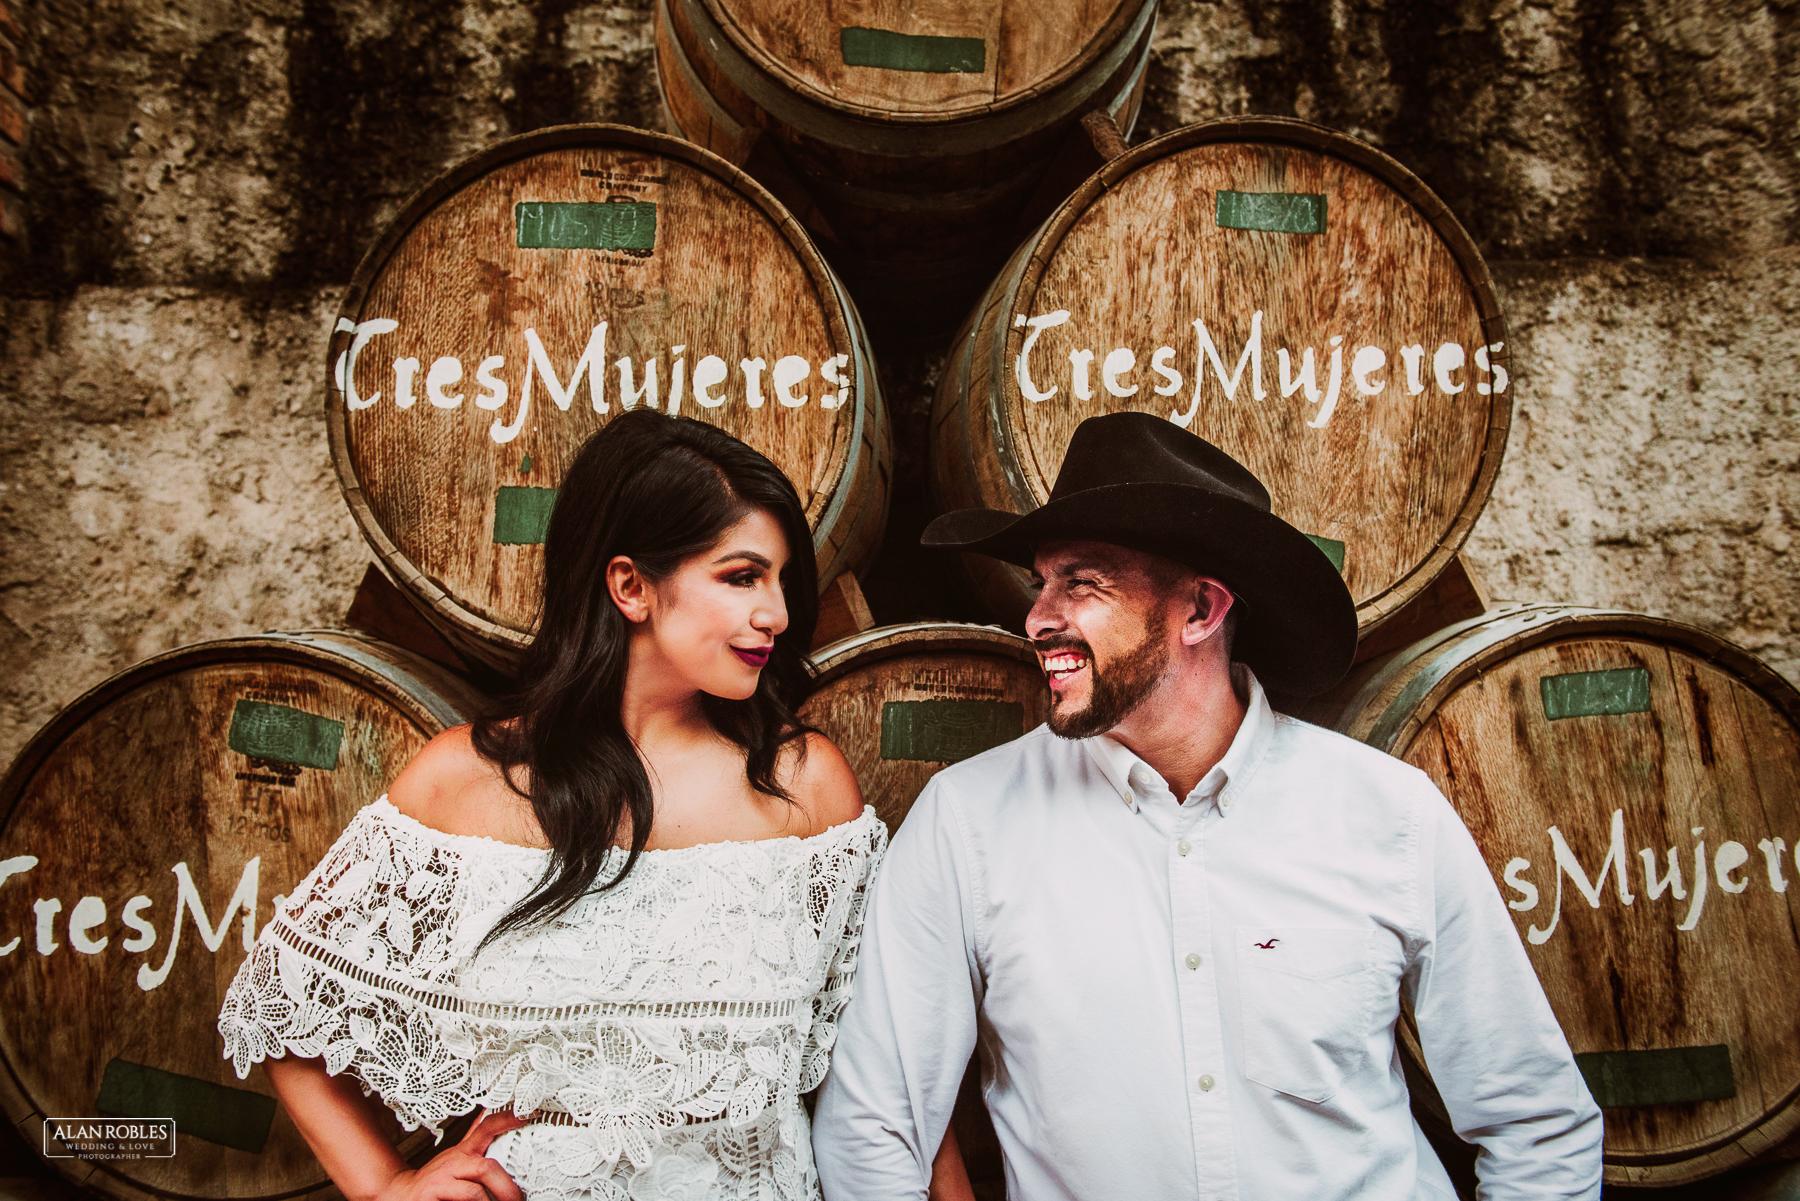 Fotografo de Bodas en Guadalajara Alan Robles - Preboda en Tequila Pueblo Magico - Cava Hacienda Tres Mujeres